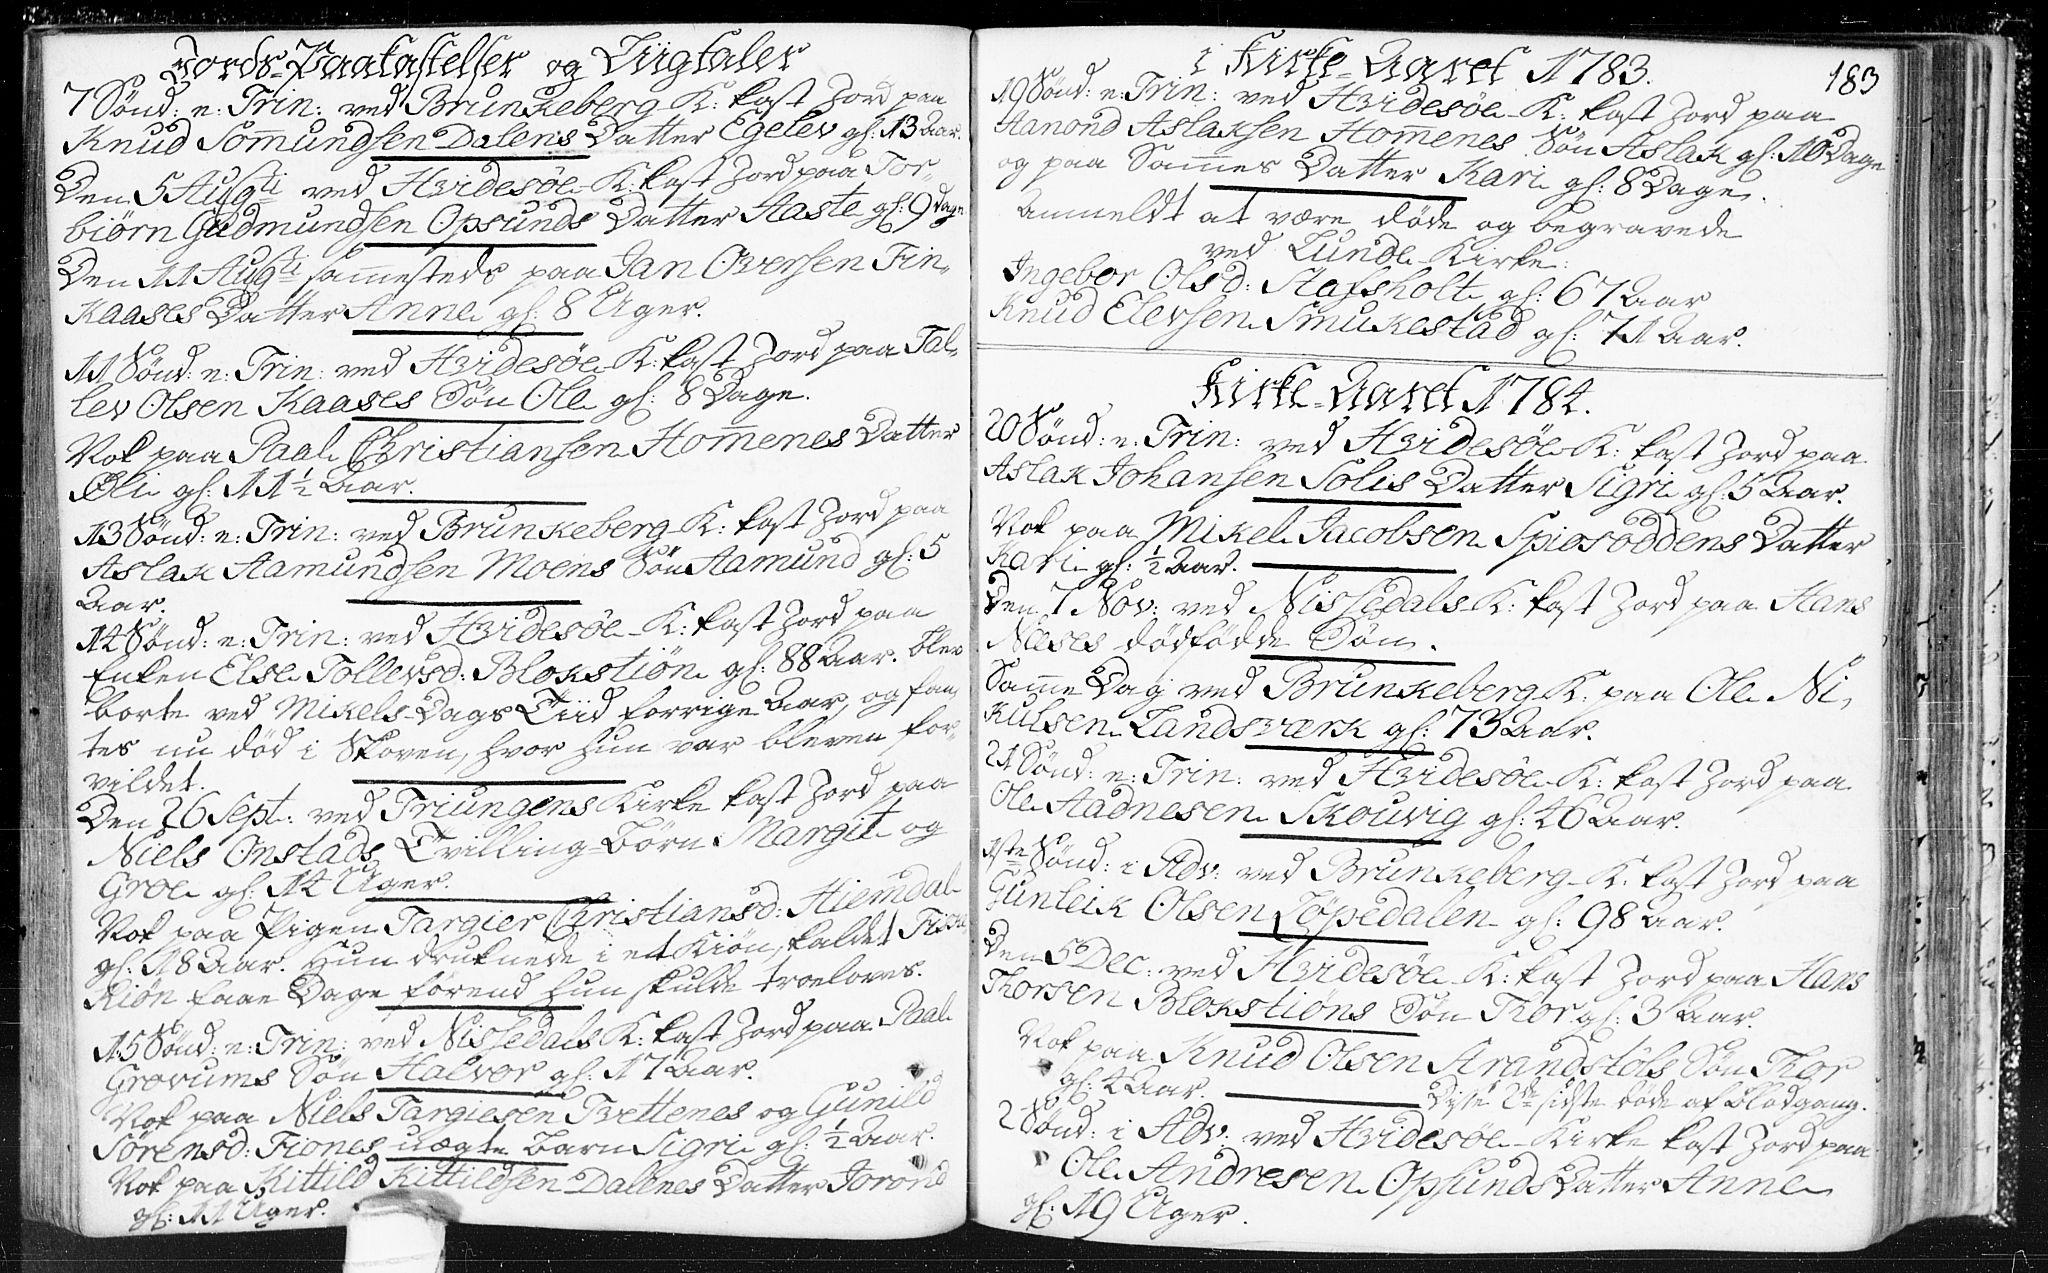 SAKO, Kviteseid kirkebøker, F/Fa/L0002: Ministerialbok nr. I 2, 1773-1786, s. 183